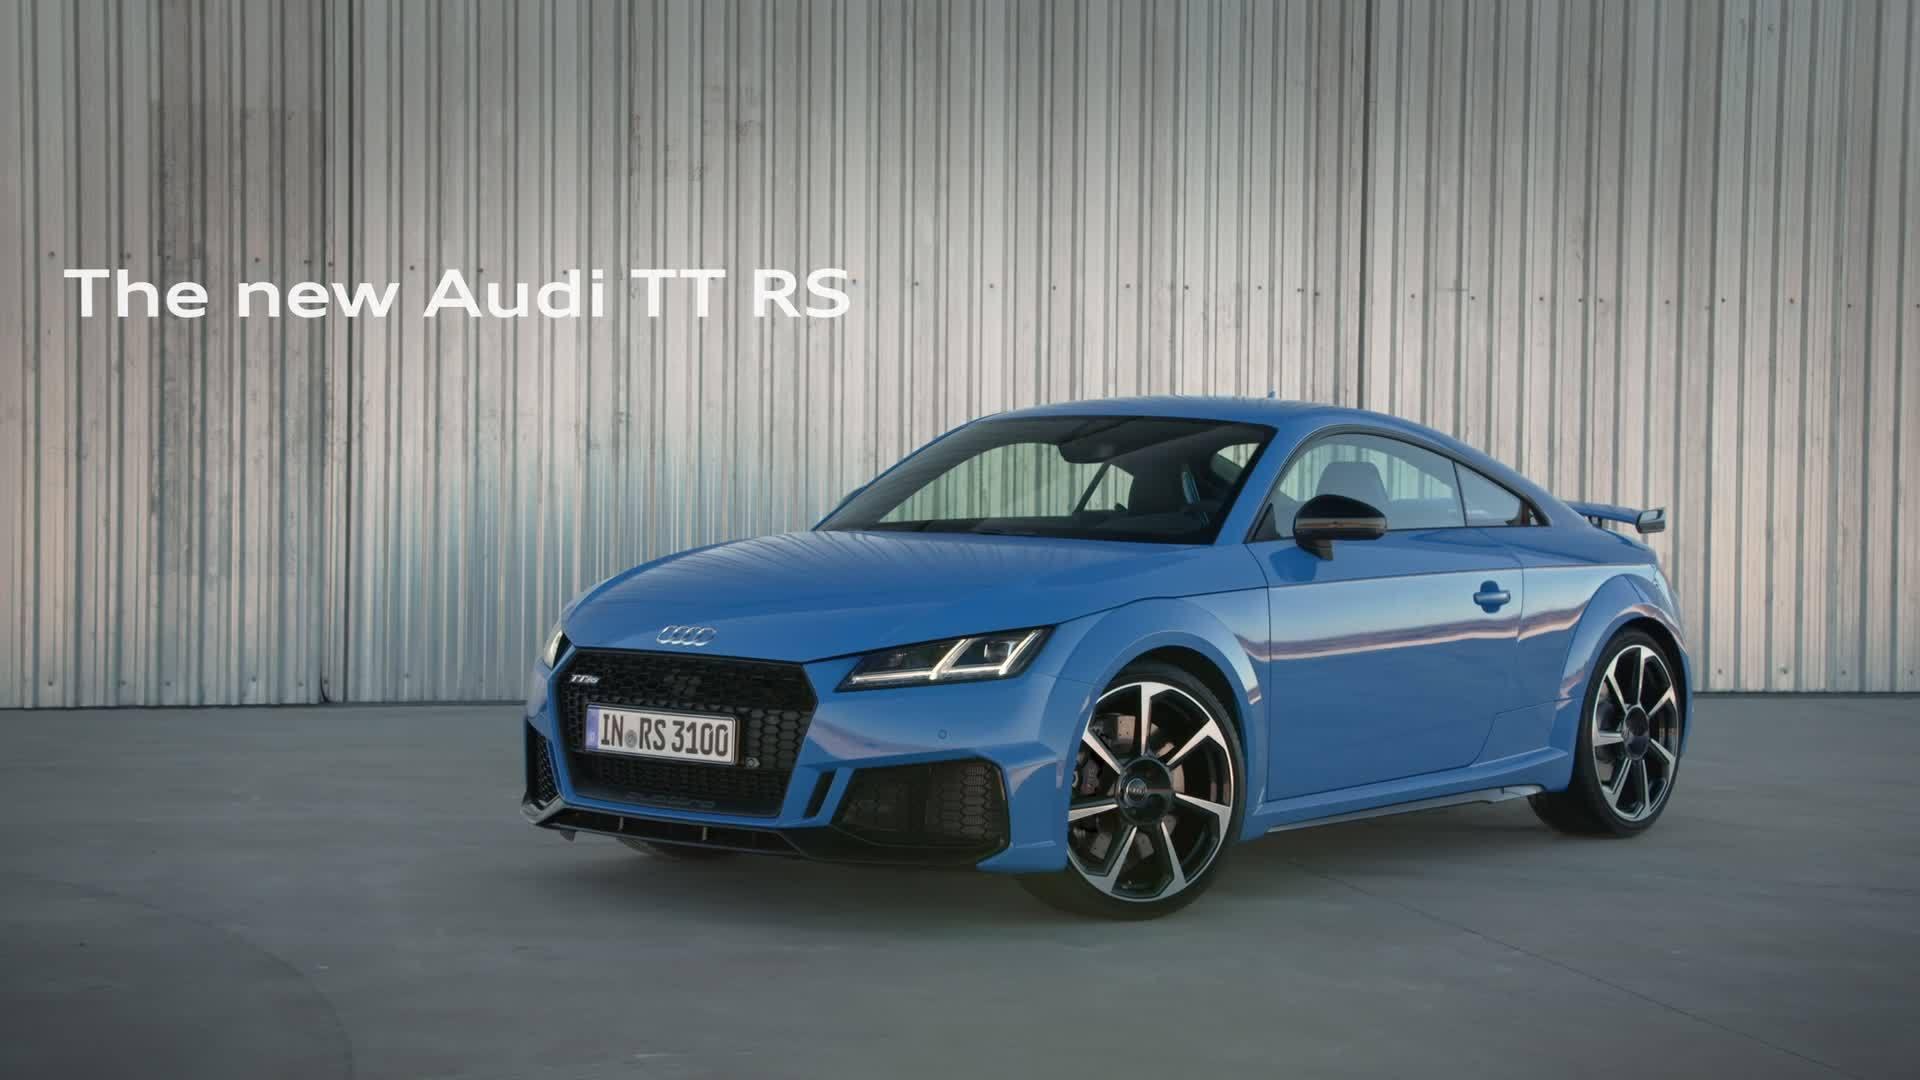 Audi TT RS (Trailer)